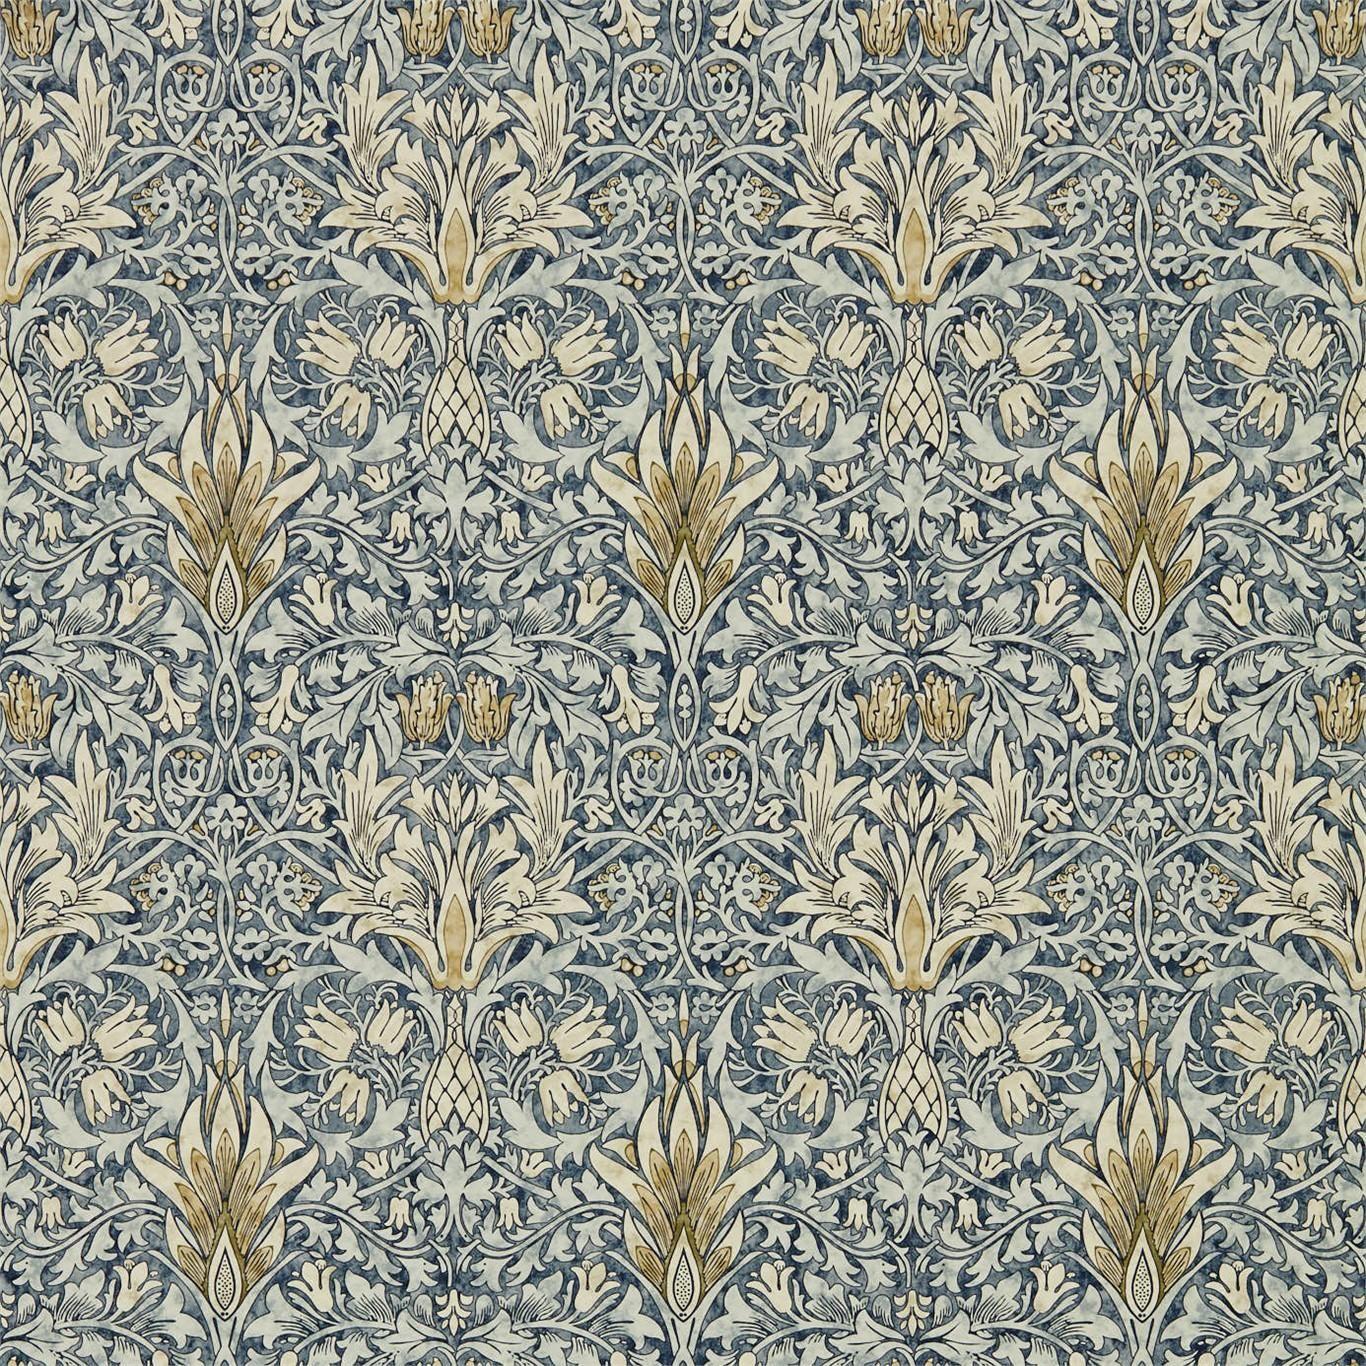 Buy William Morris & Co 216428 Snakeshead Wallpaper